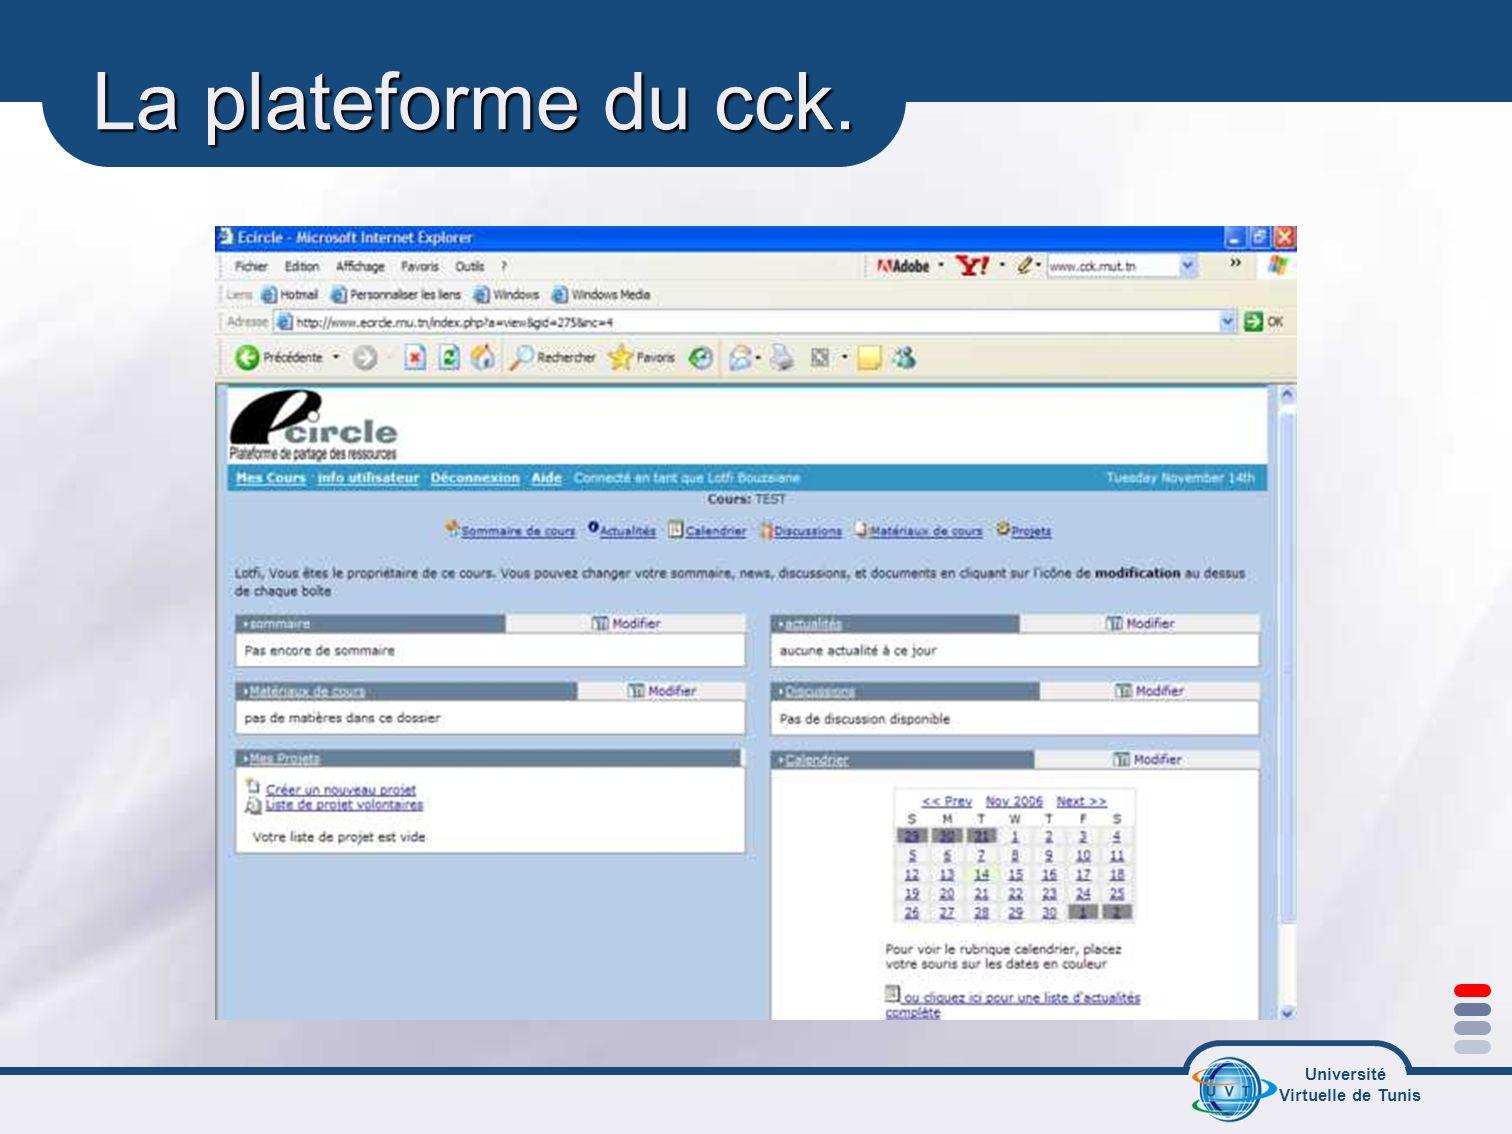 La plateforme du cck.